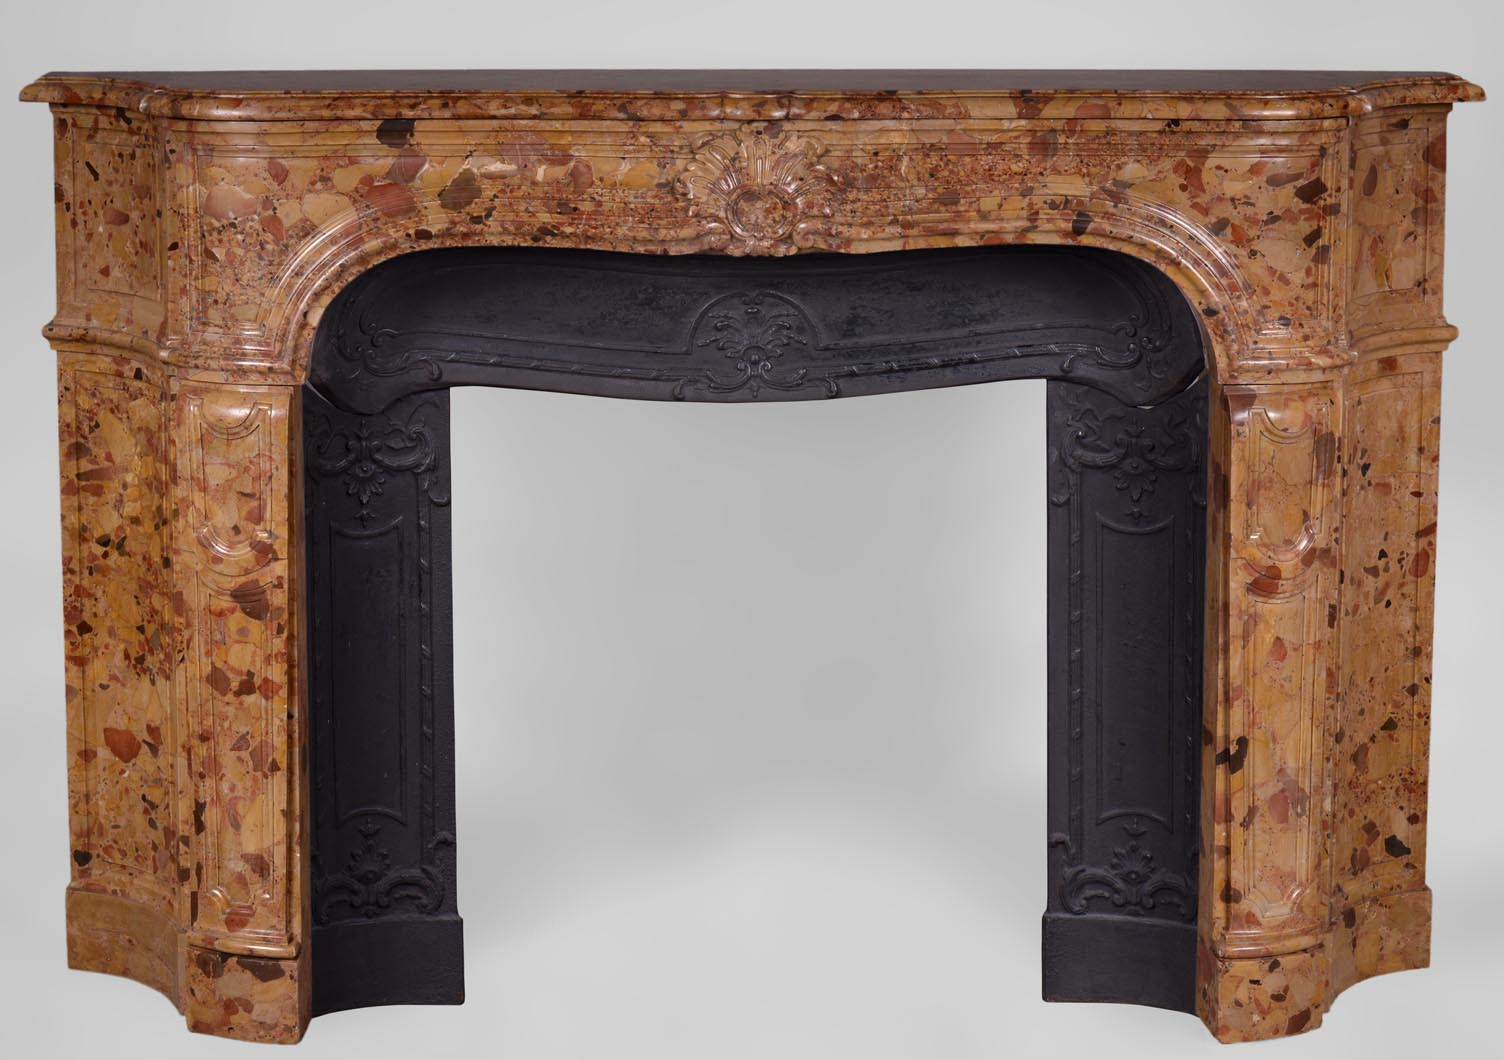 rare antique regence period fireplace in aleppo breccia marble